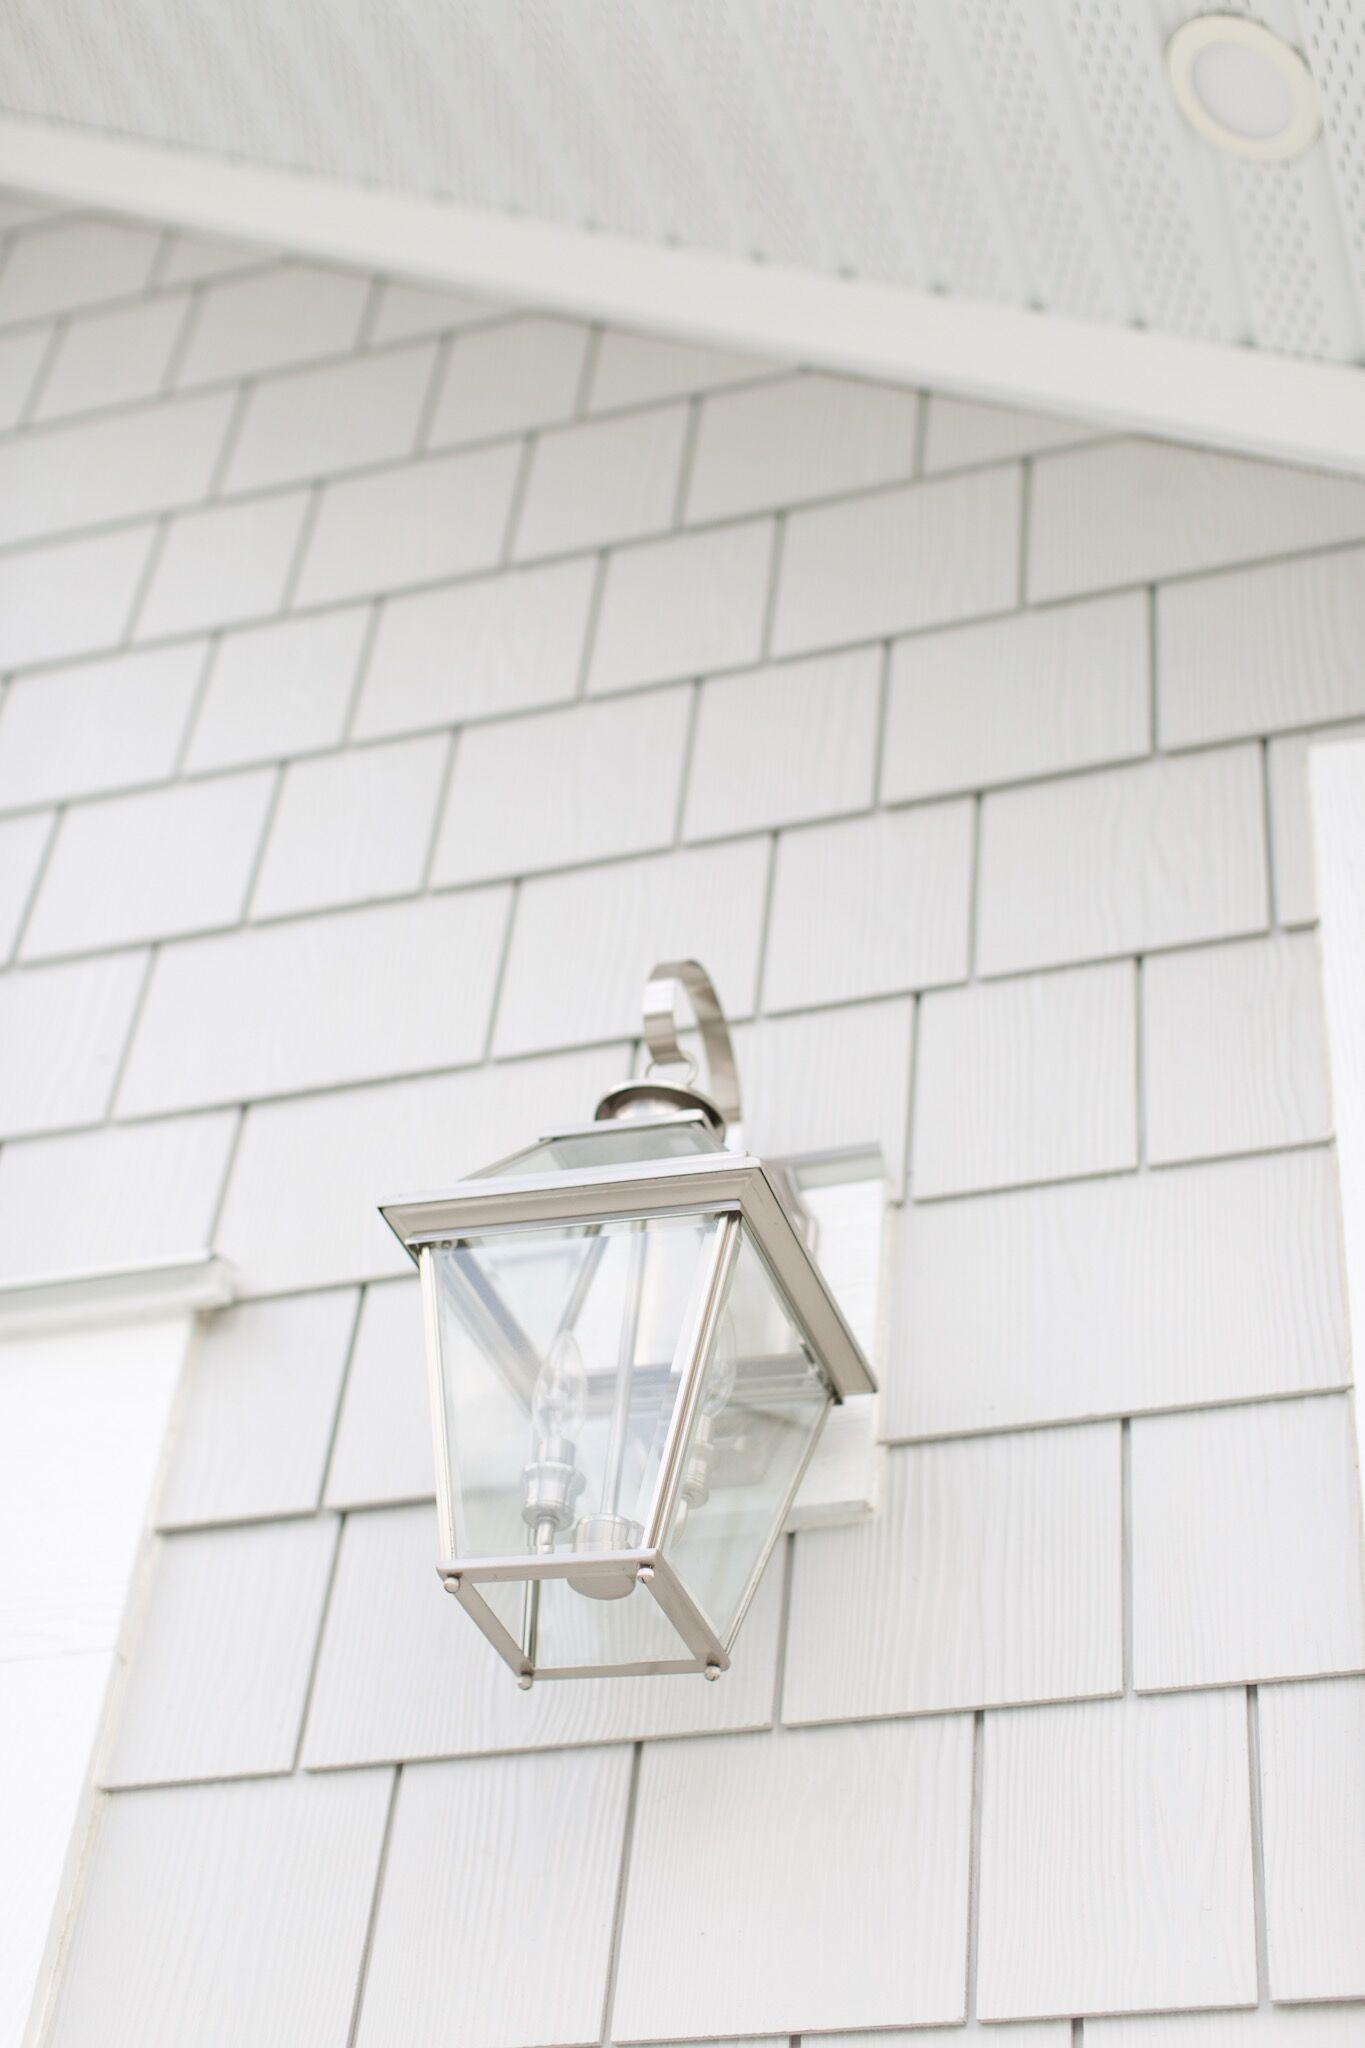 Silver exterior lanterns